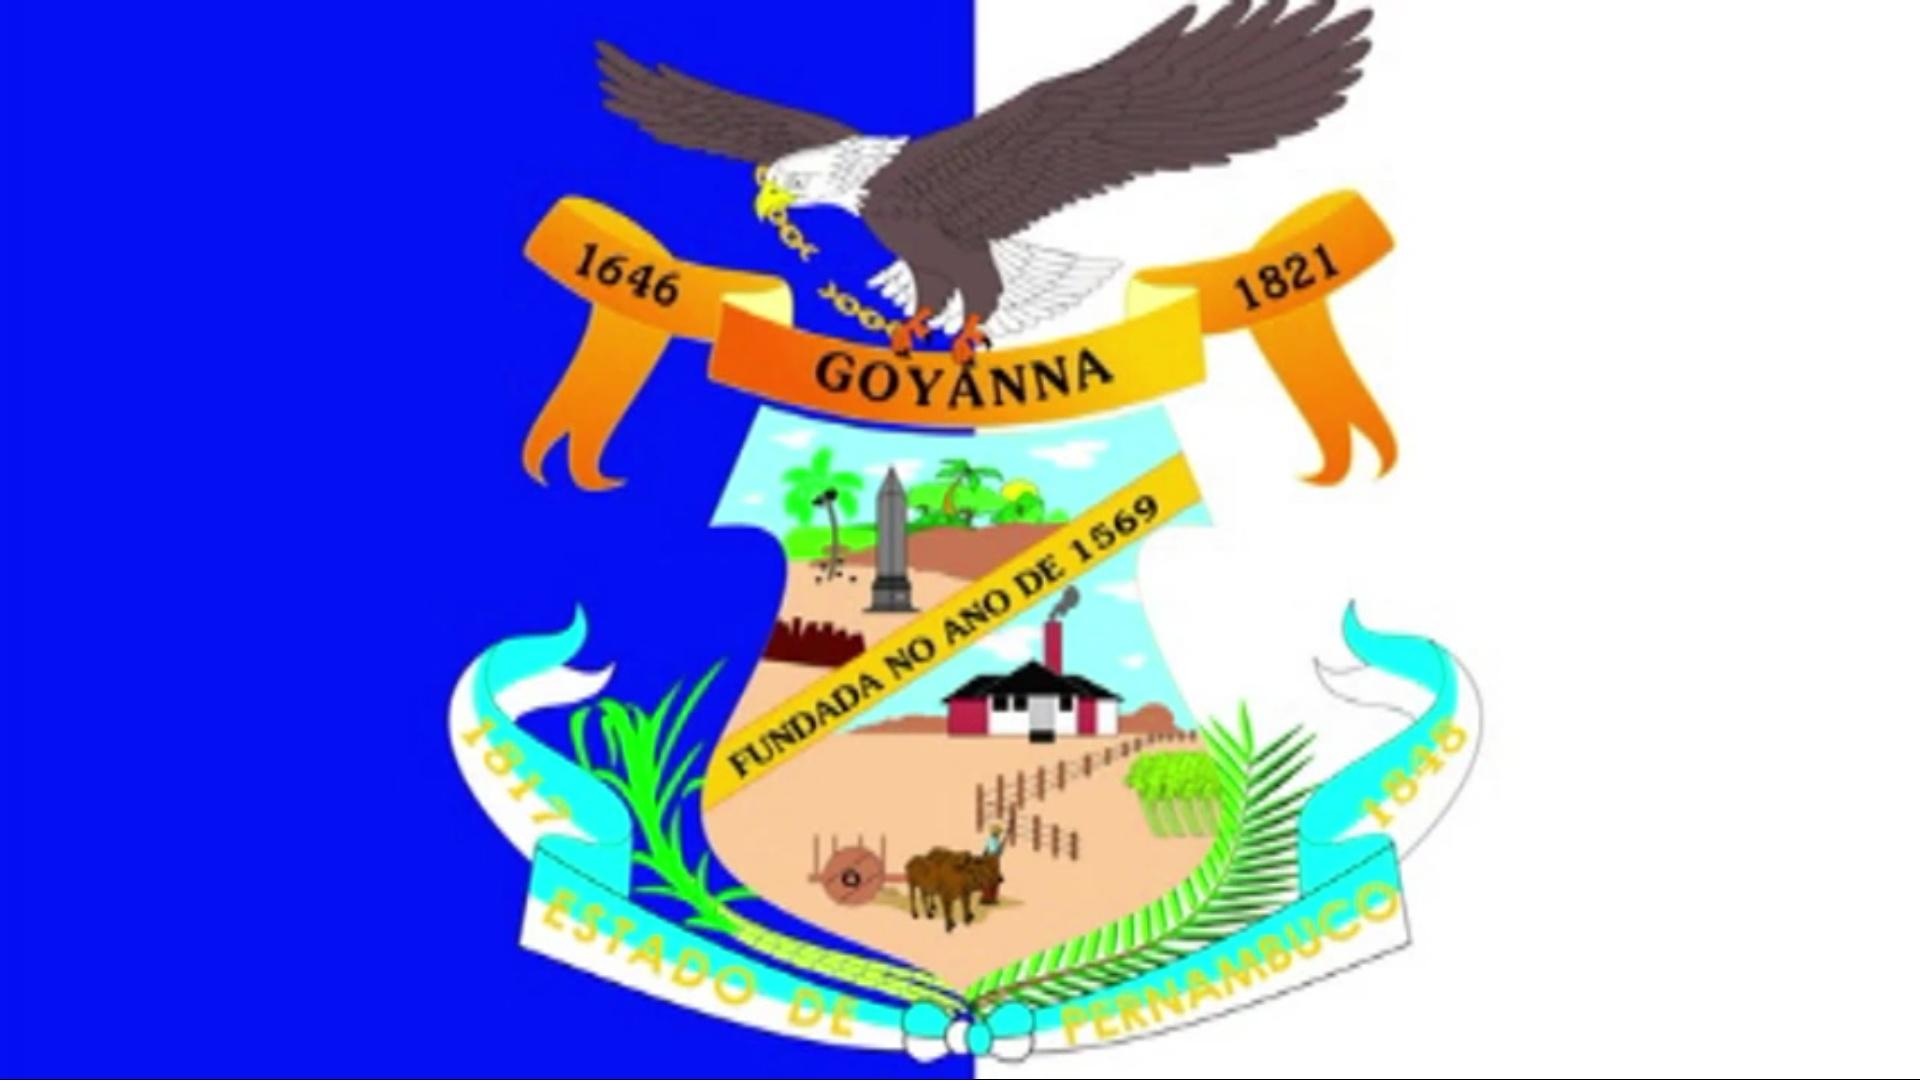 Bandeira de Goiana – Wikipédia, a enciclopédia livre